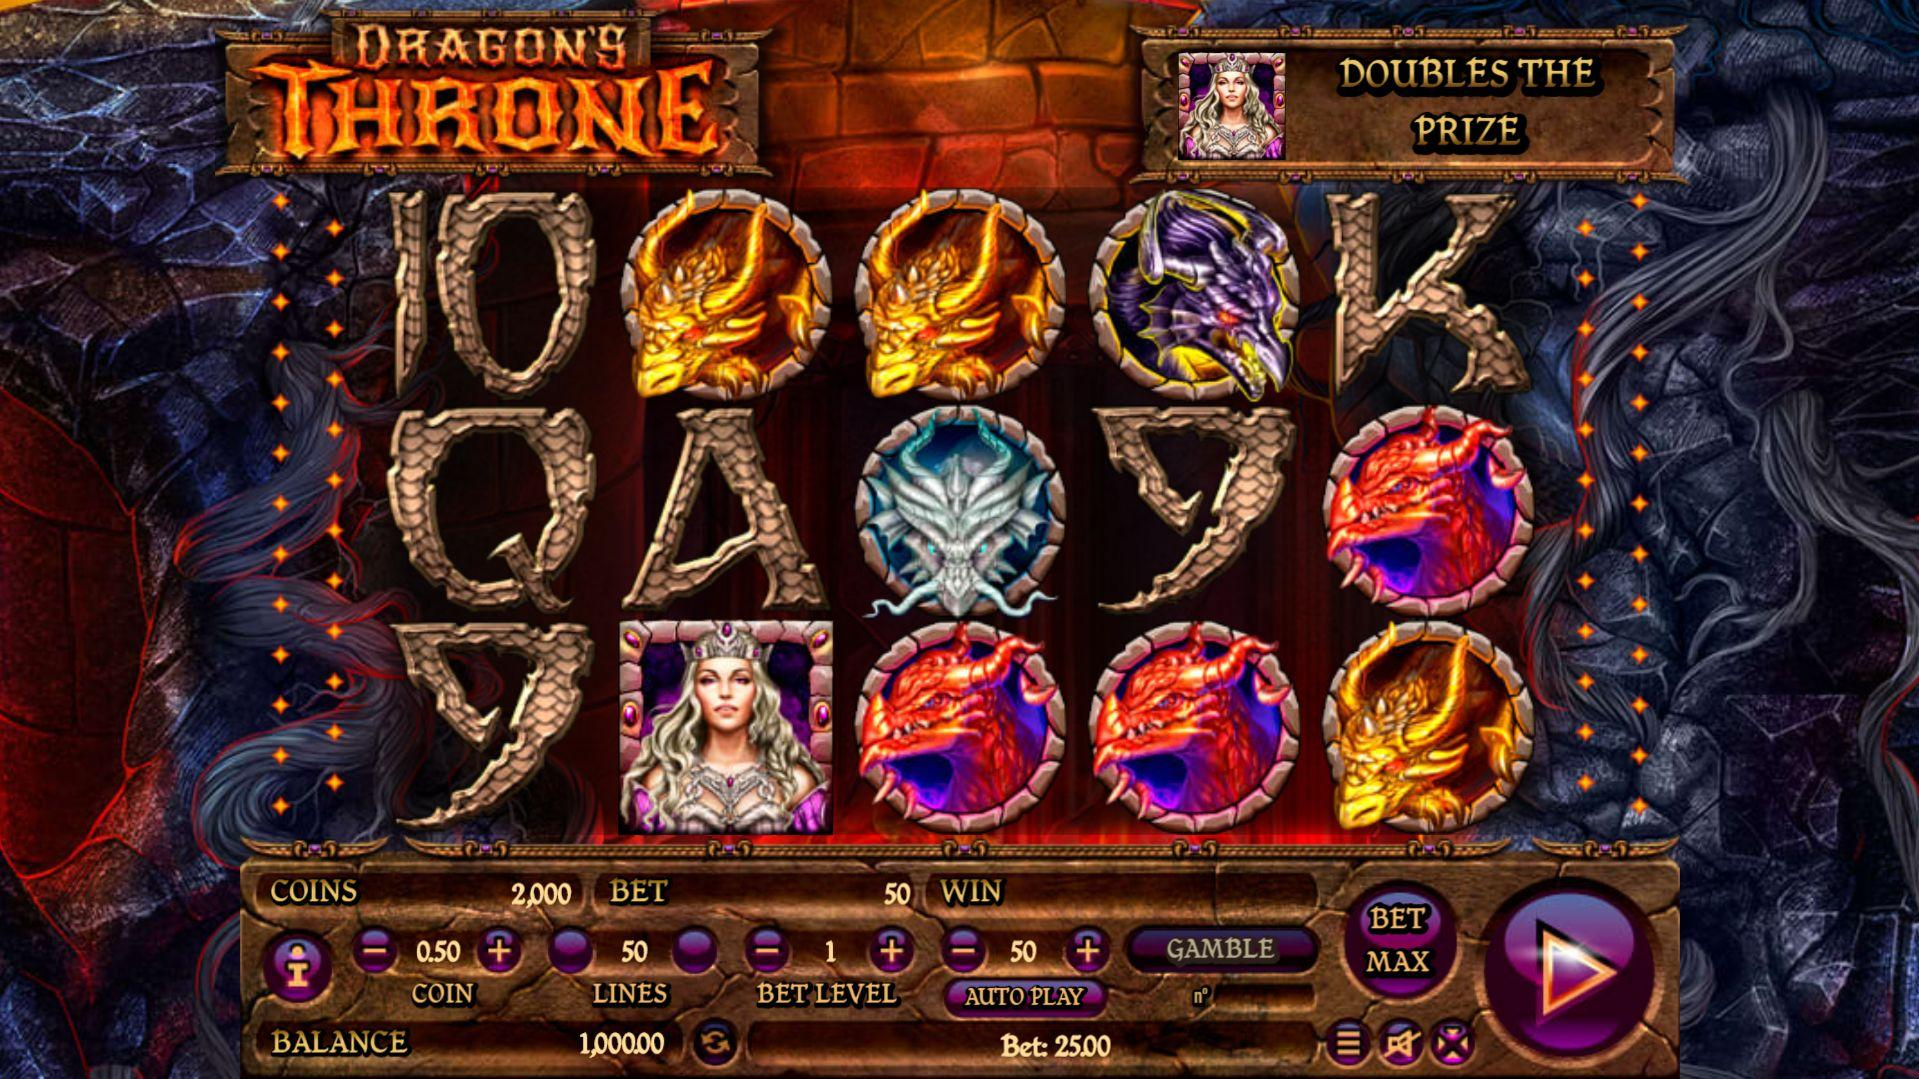 Азартные игры игровые автоматы играть бесплатно без регистрации и смс